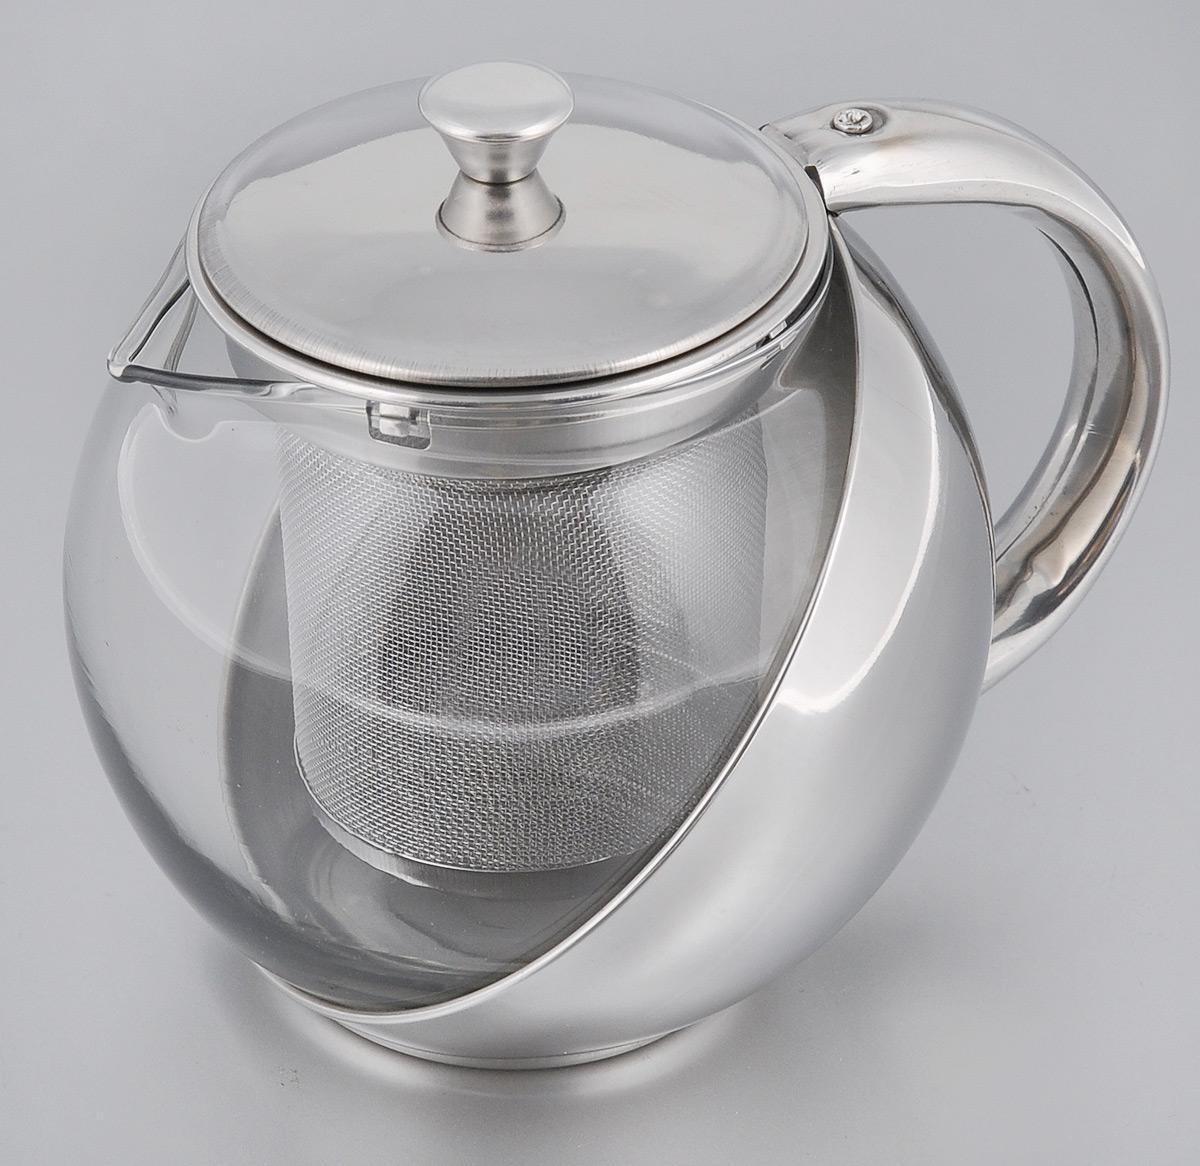 Чайник заварочный Miolla, с фильтром, 500 мл54 009312Заварочный чайник Miolla, изготовленный из термостойкого стекла,предоставит вам все необходимые возможности для успешного заваривания чая.Чай в таком чайнике дольше остается горячим, а полезные и ароматическиевещества полностью сохраняются в напитке. Чайник оснащен фильтром, выполненном из нержавеющей стали. Простой и удобный чайник поможет вам приготовить крепкий, ароматный чай.Нельзя мыть в посудомоечной машине. Не использовать в микроволновой печи.Диаметр чайника (по верхнему краю): 7 см.Высота чайника (без учета крышки): 10 см.Высота фильтра: 8 см.